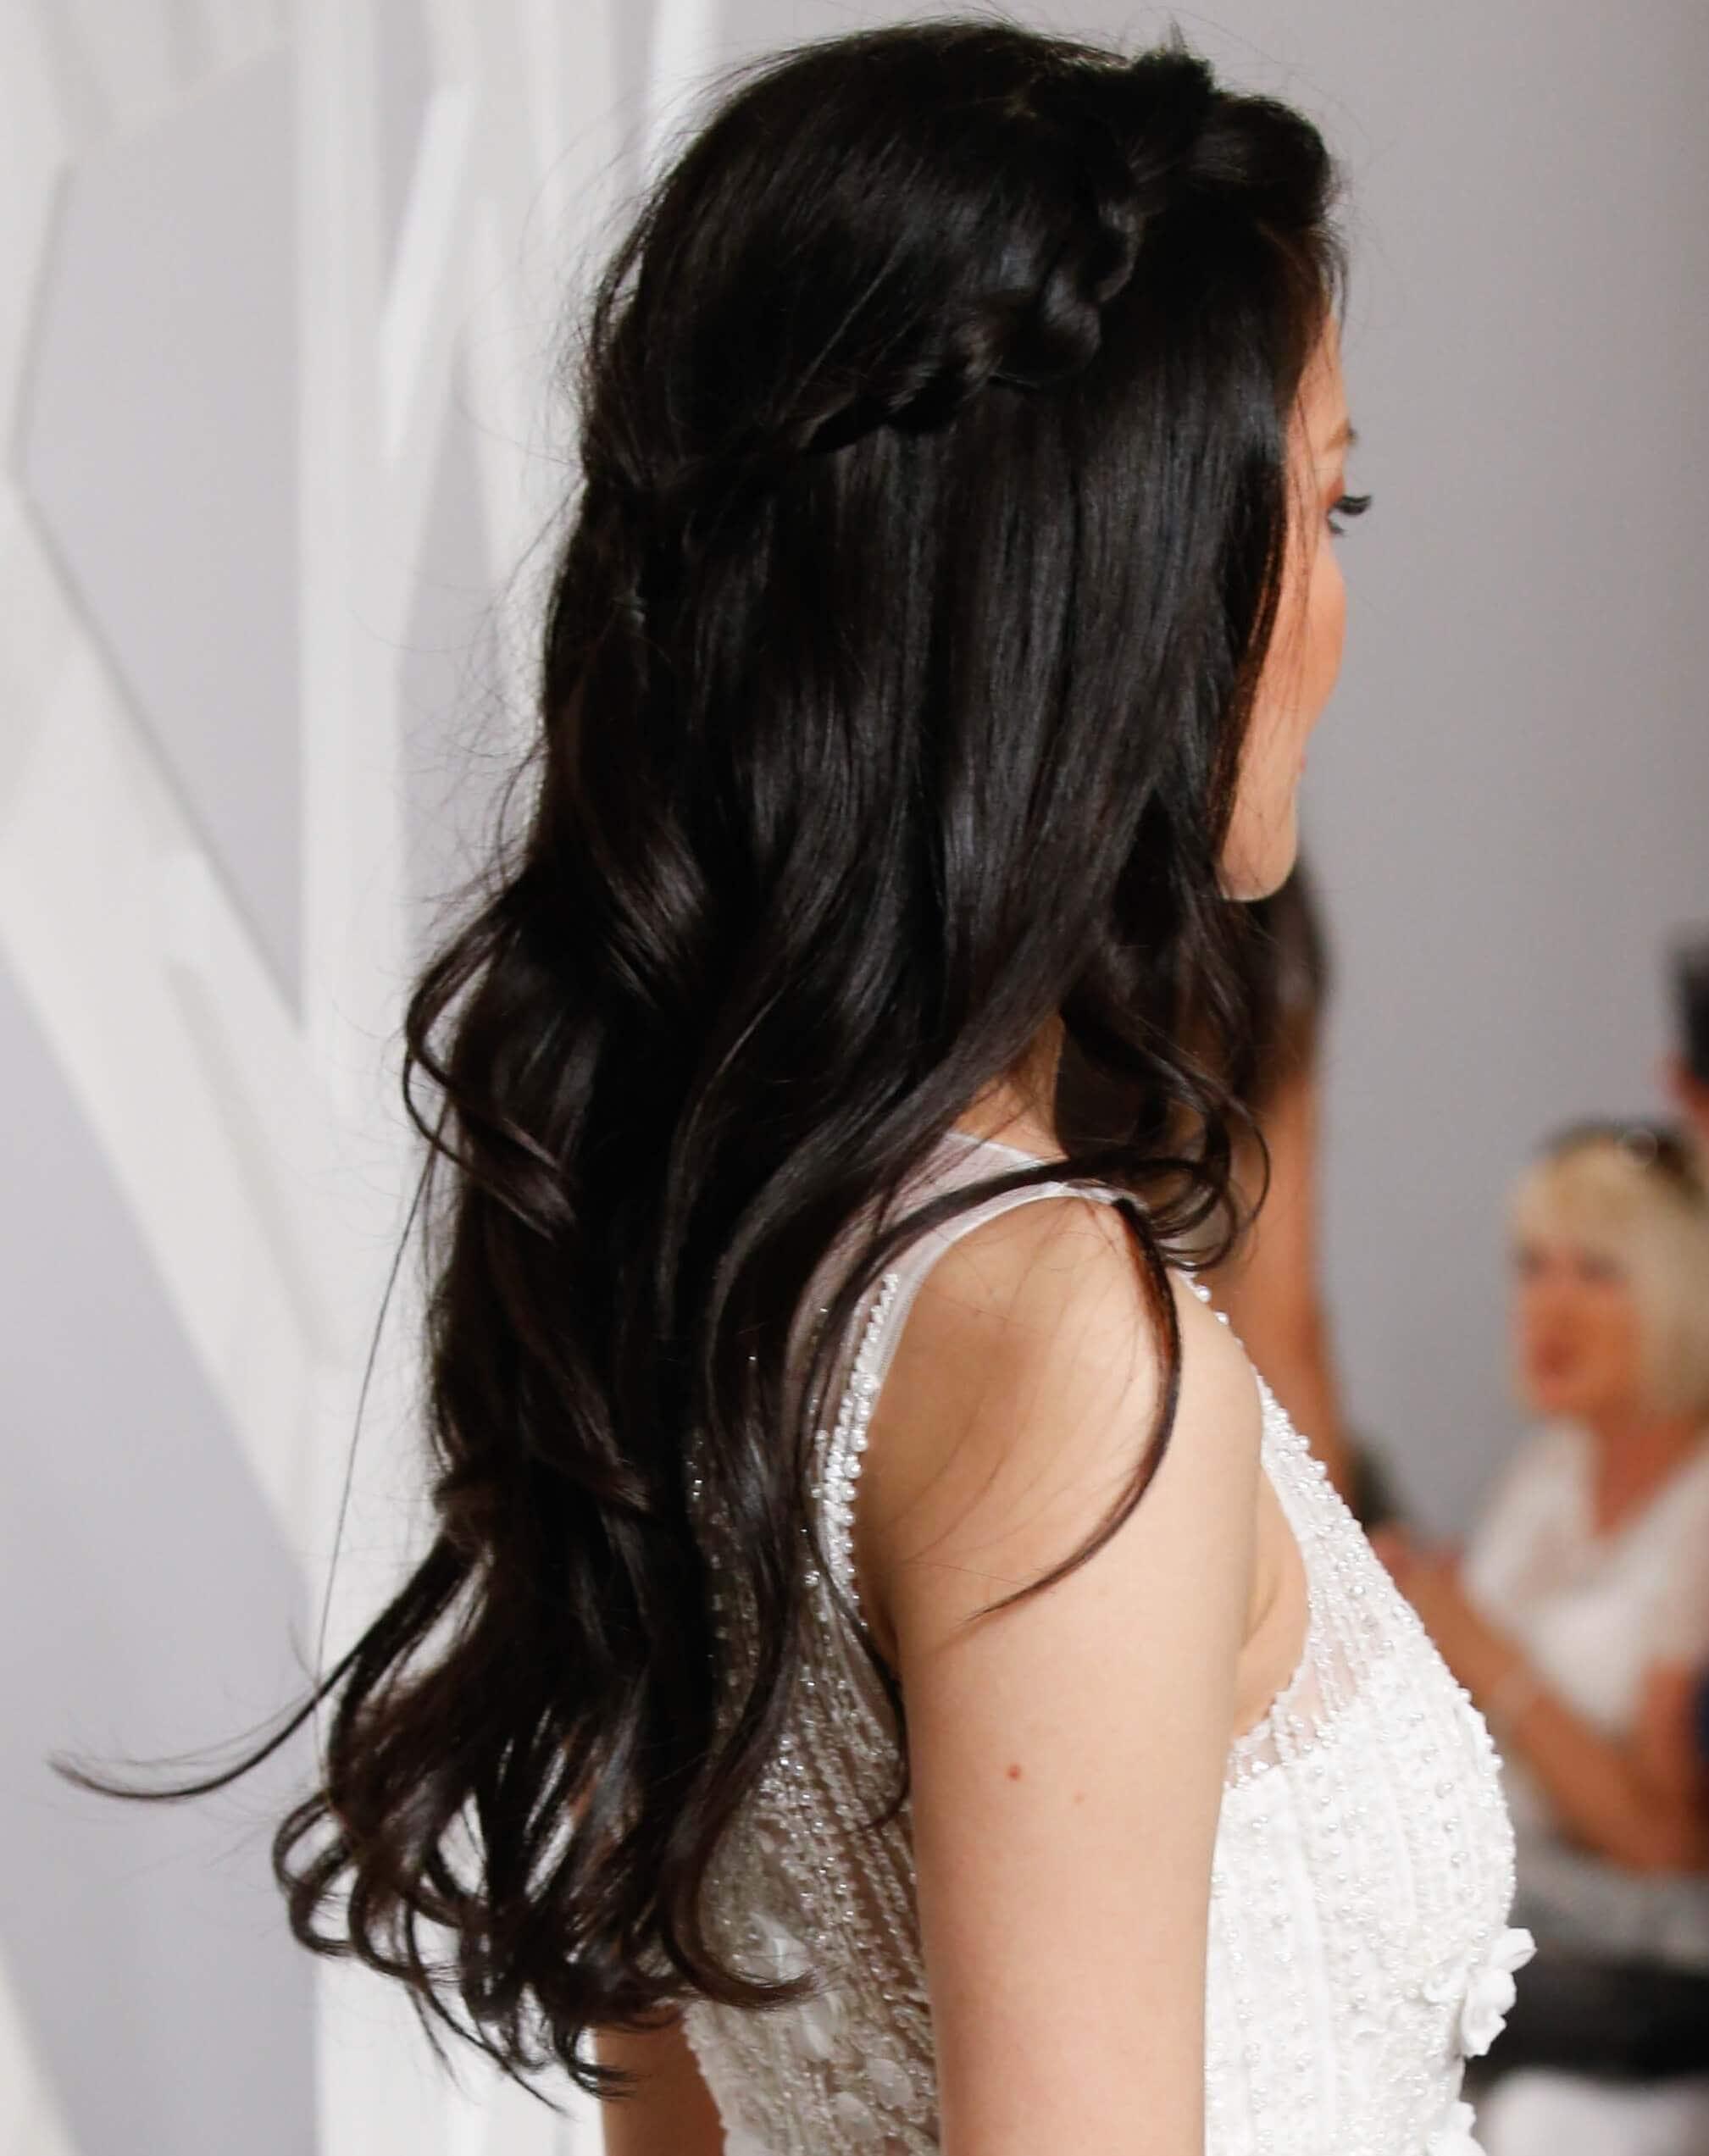 Coiffures de fête : Femme aux longs cheveux bruns ondulés, en style mi-haute, mi-dessous avec des tresses d'accent, portant une robe blanche.